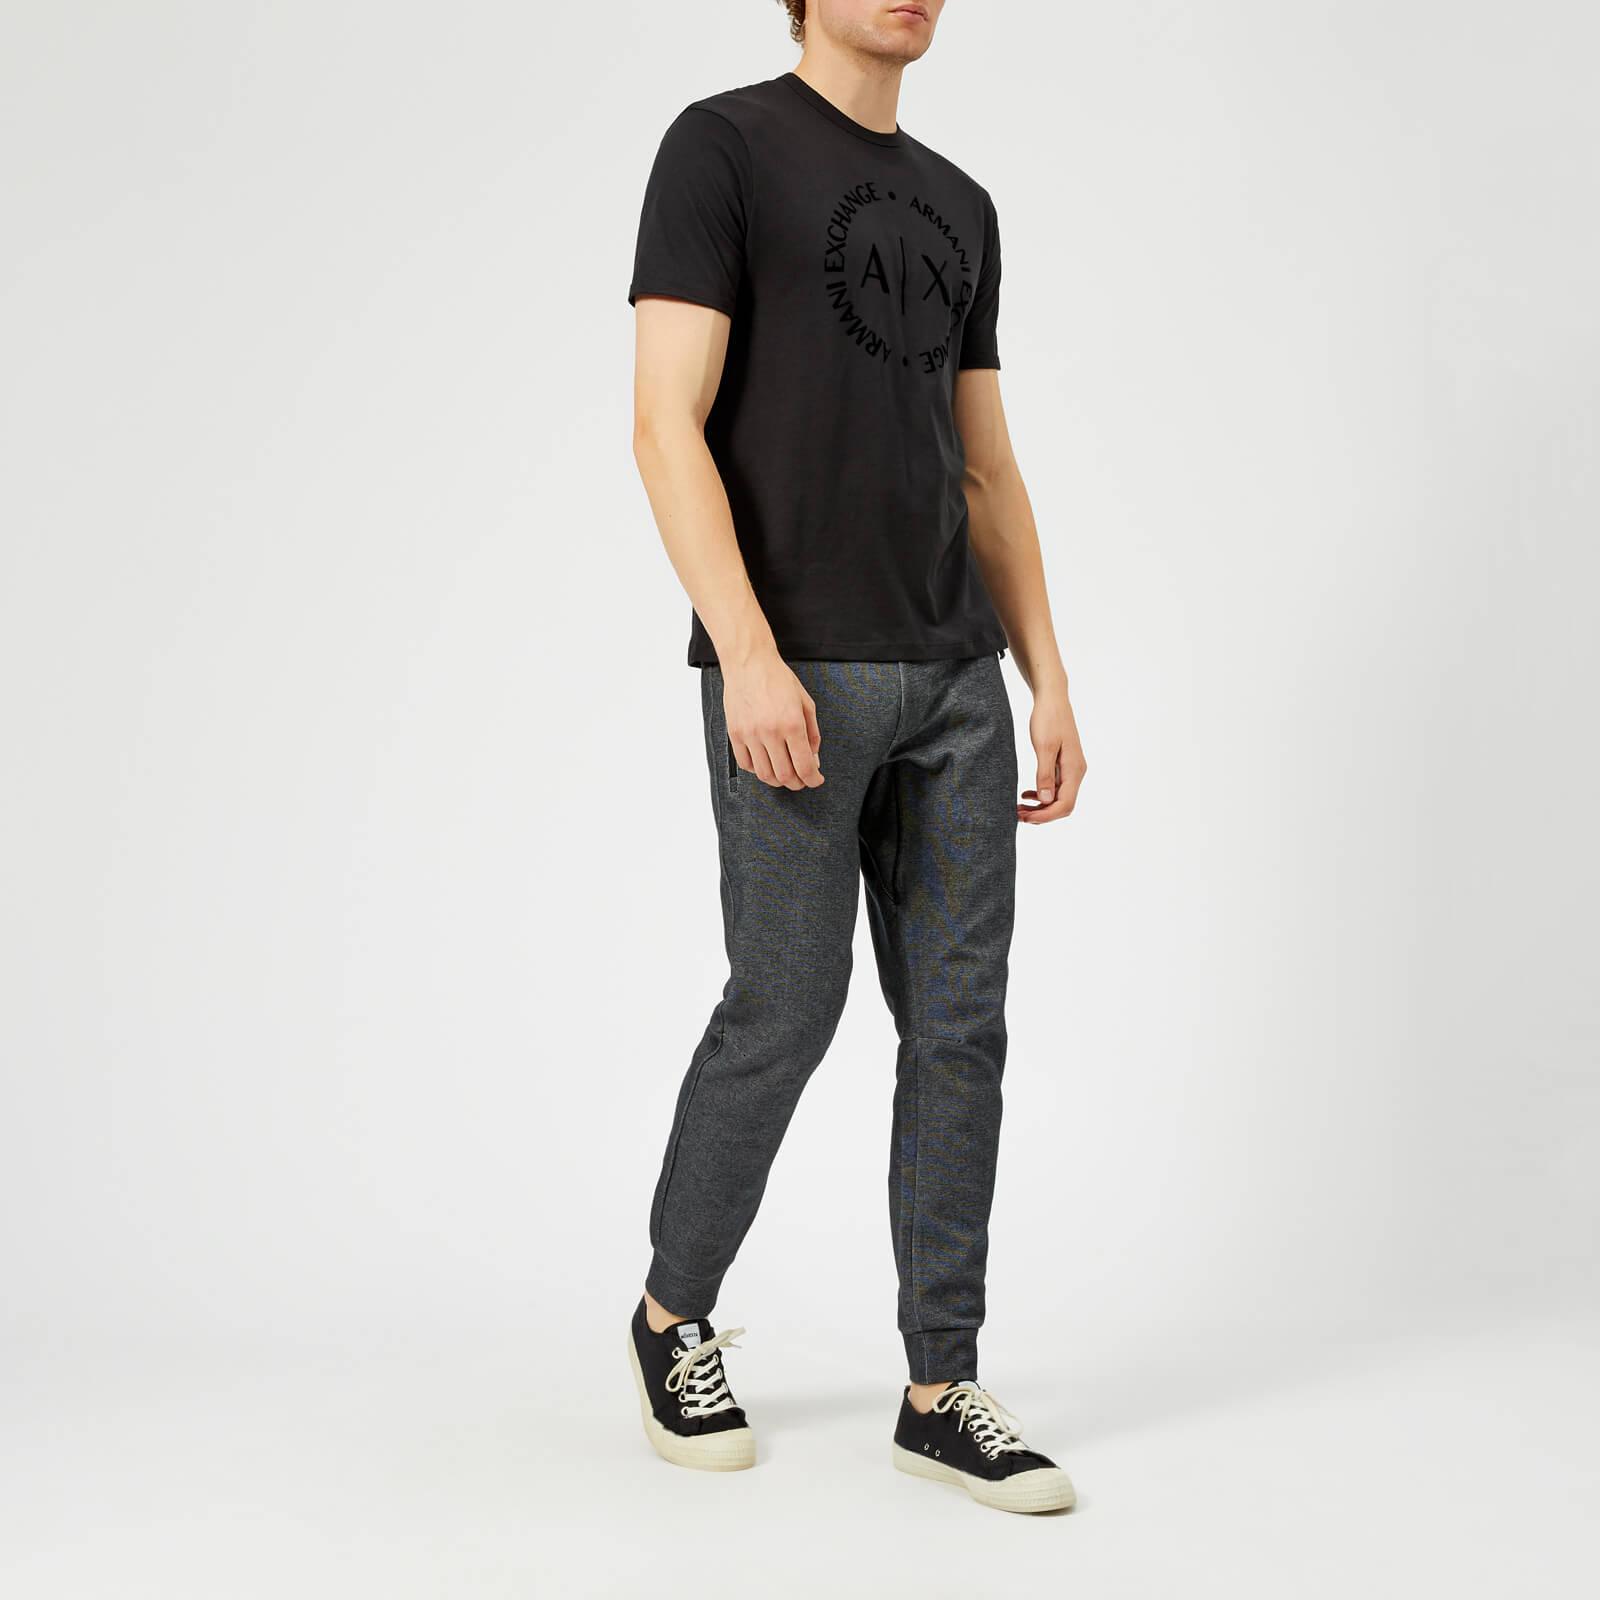 Armani Exchange Men's Tonal Logo T-Shirt - Black - L